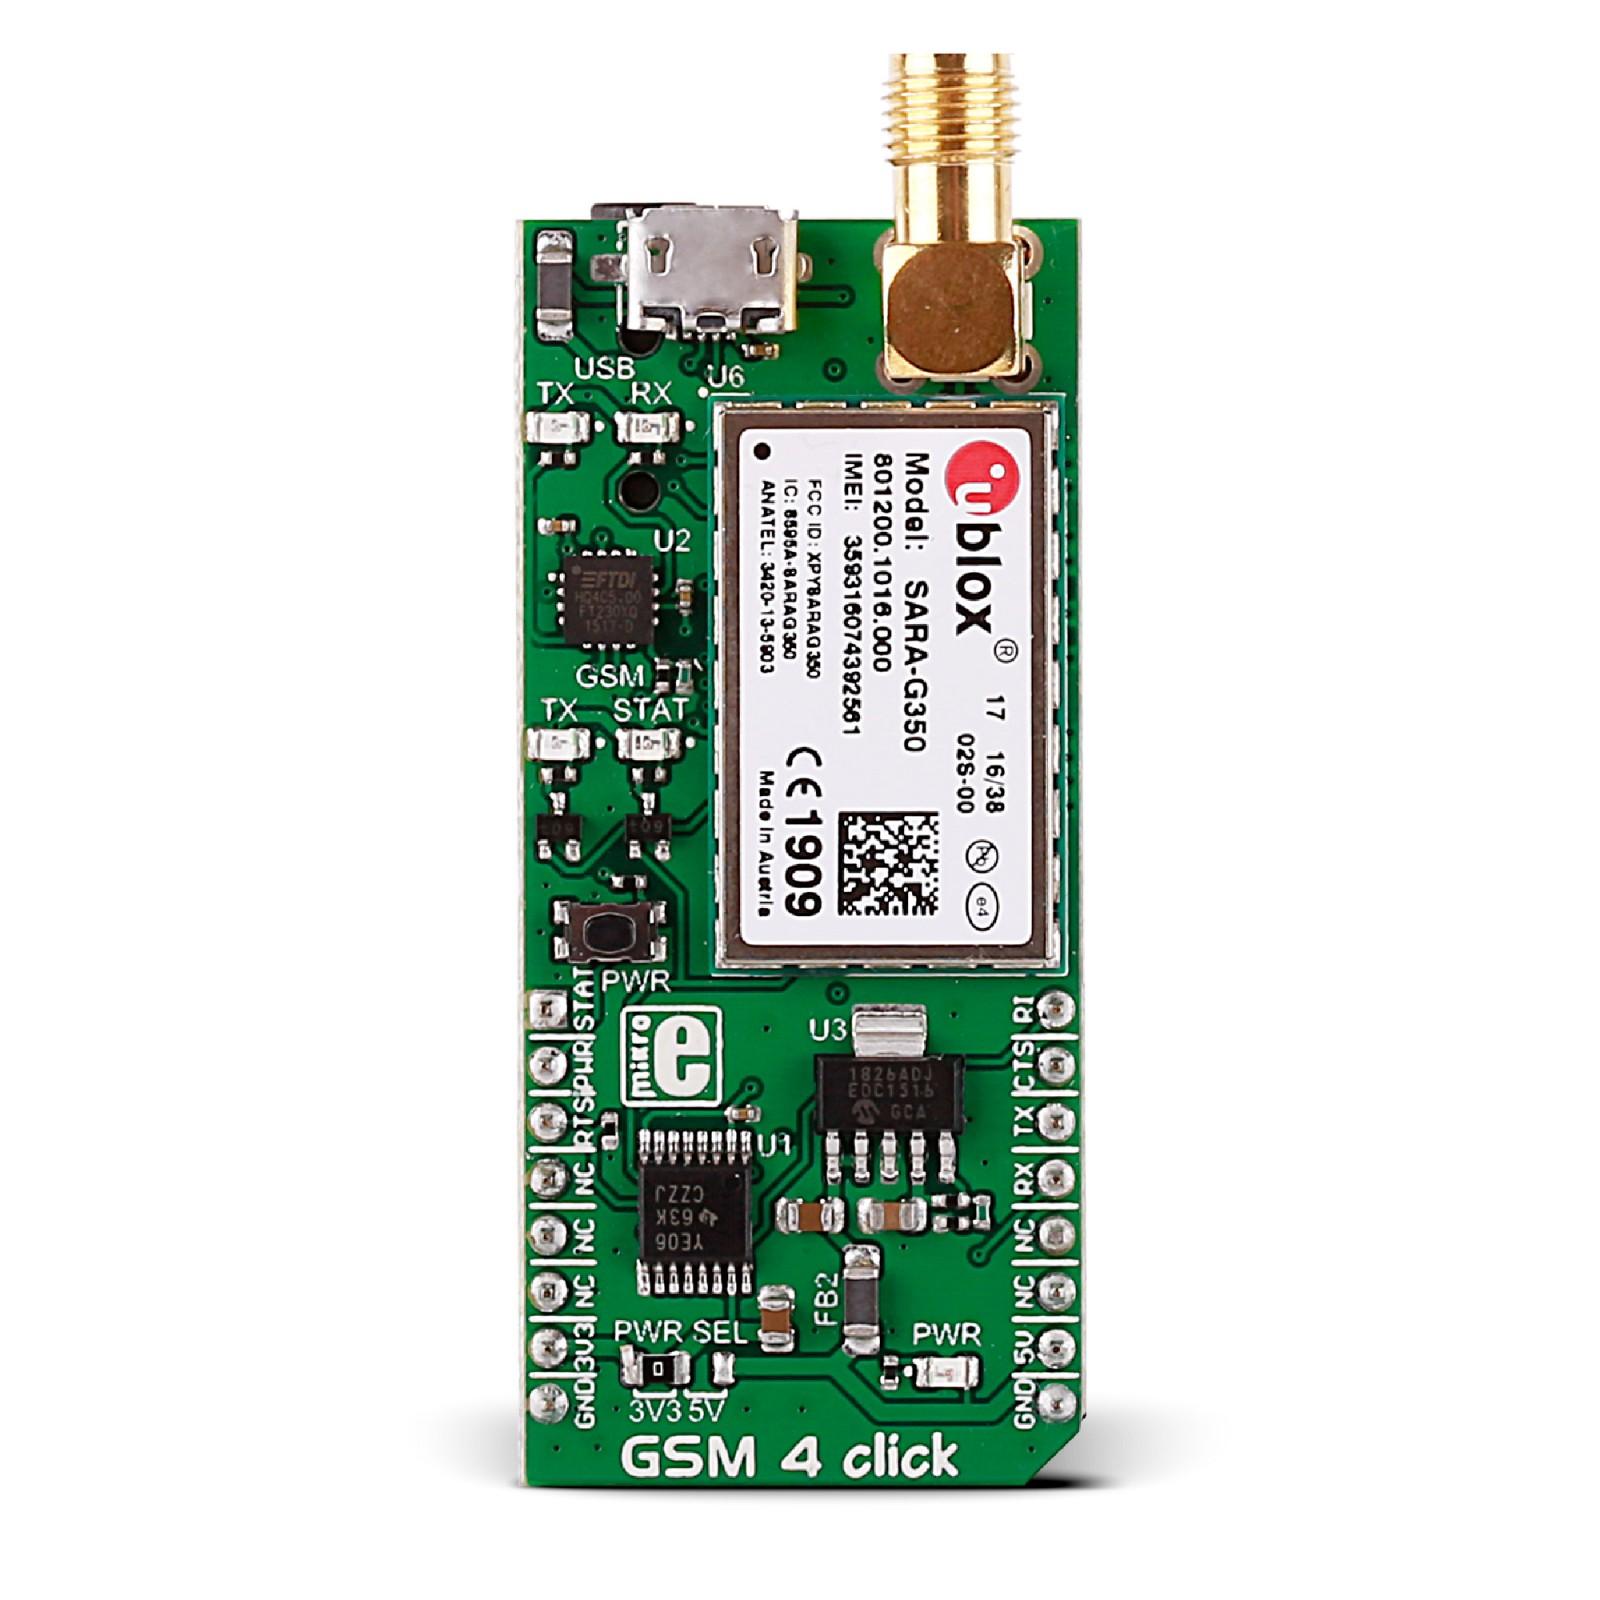 GSM 4 click — board with u-blox SARA-G3 module